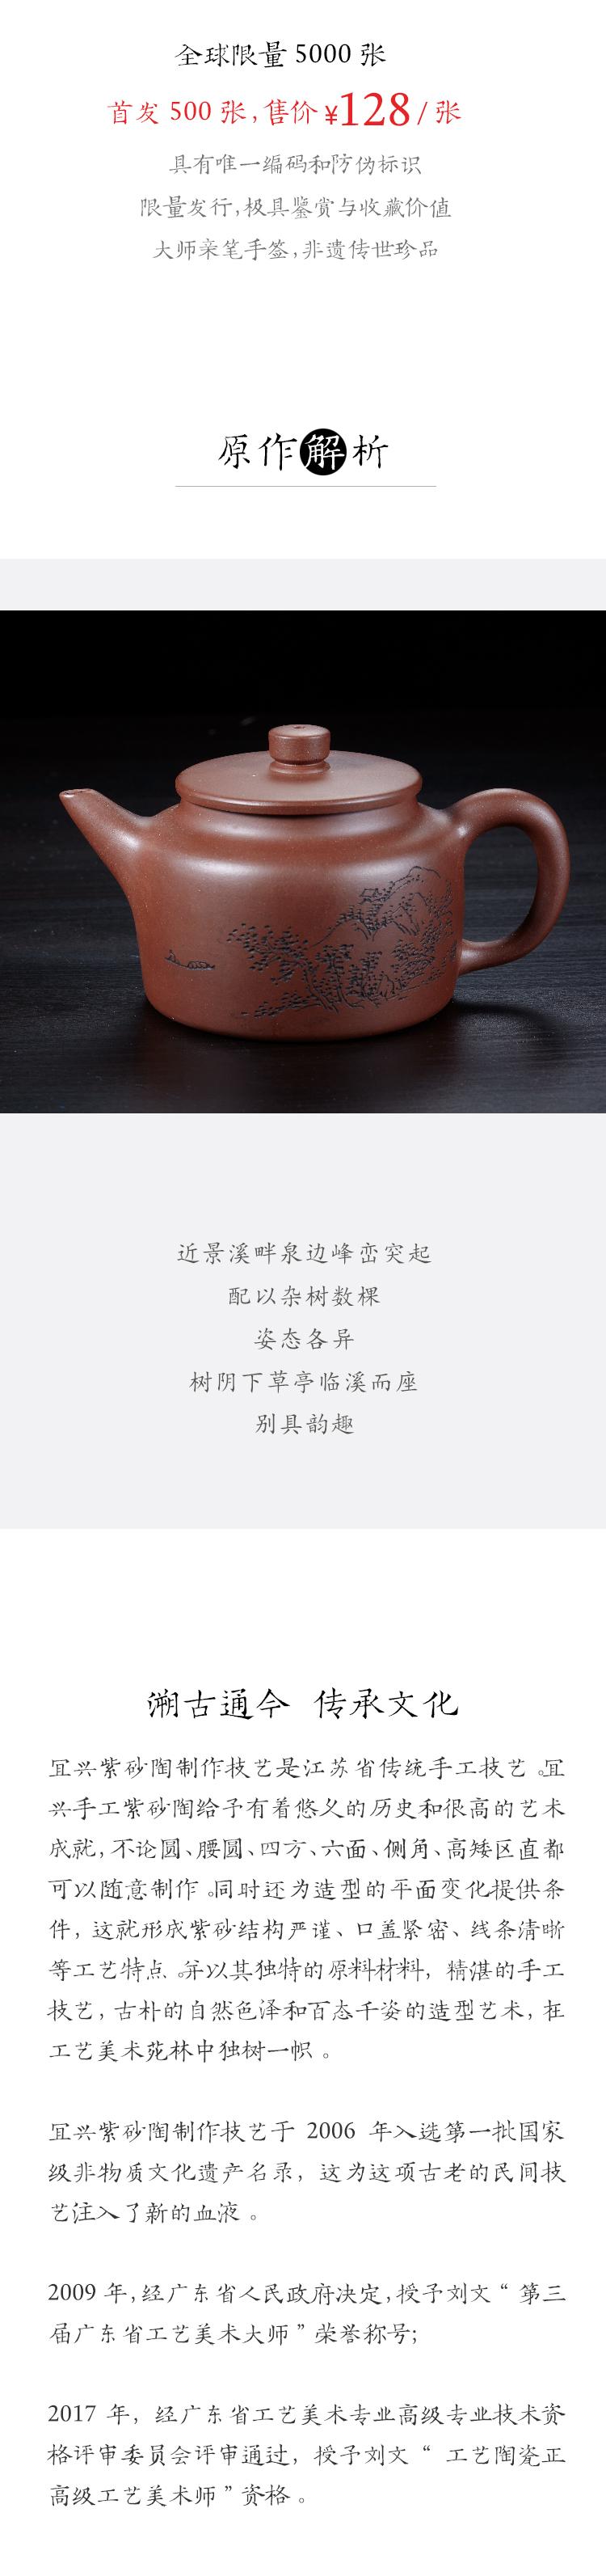 艺无涯_02.jpg